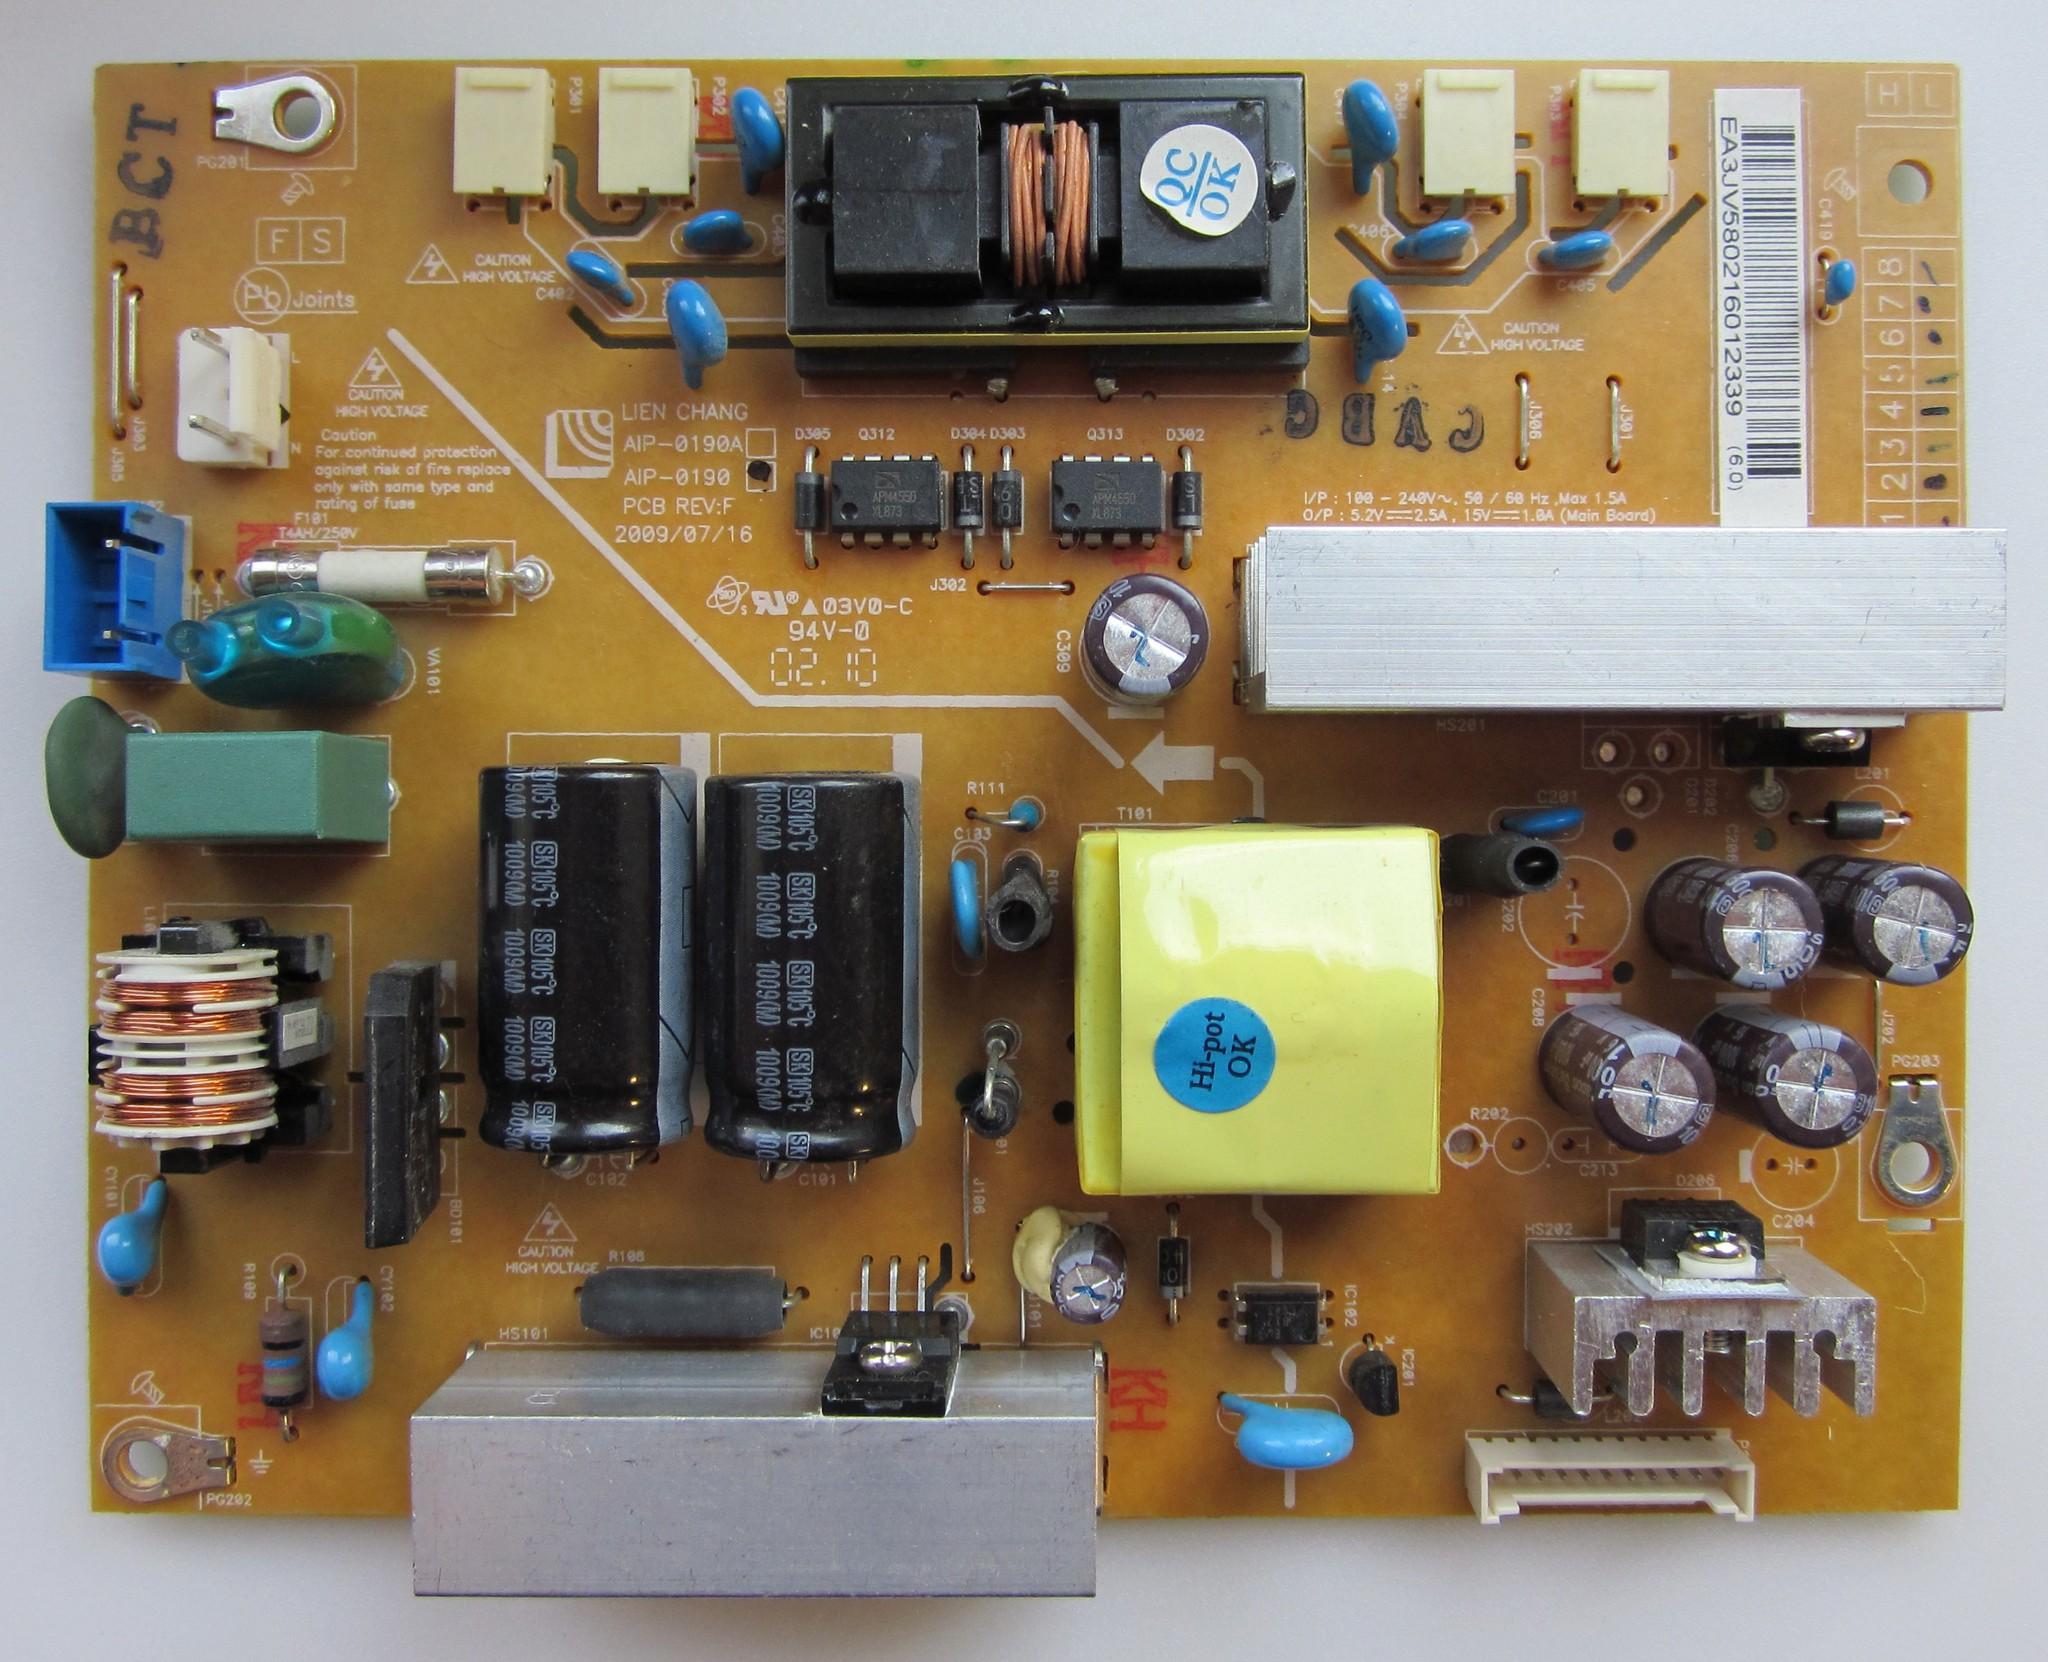 AIP-0190 PCB REV:F